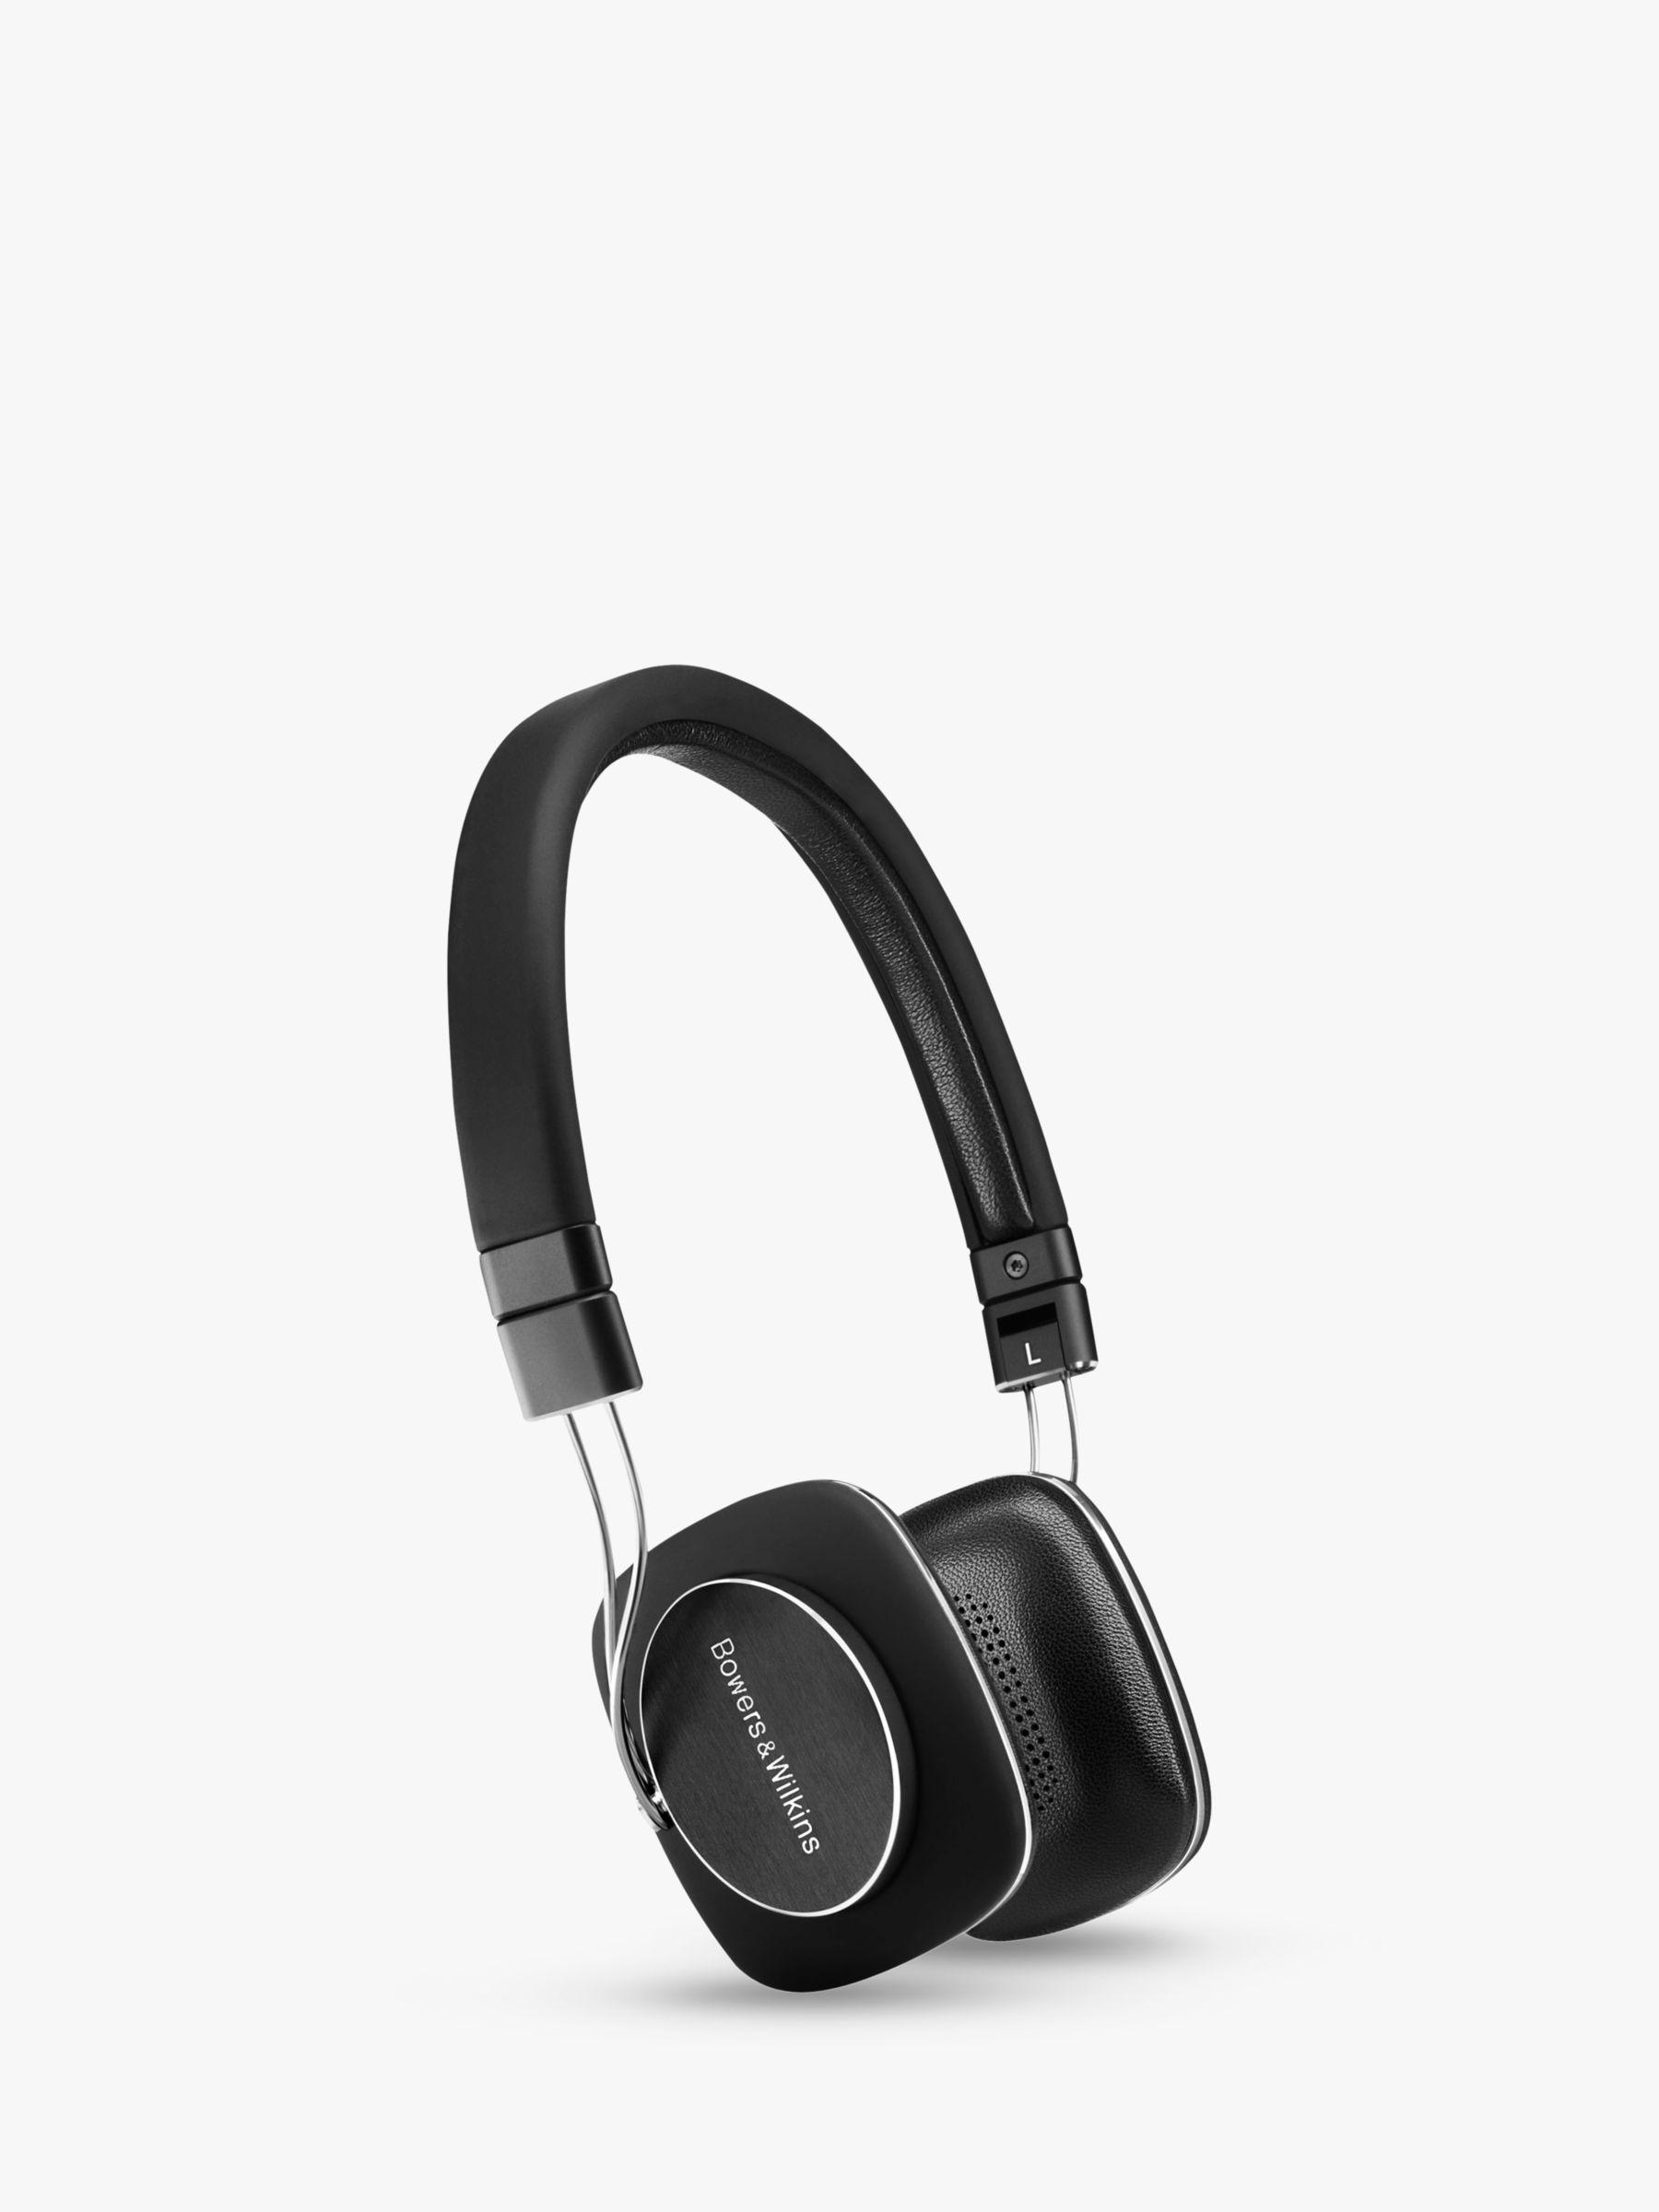 Bowers & Wilkins Bowers & Wilkins P3 Series 2 On-Ear Headphones, Black